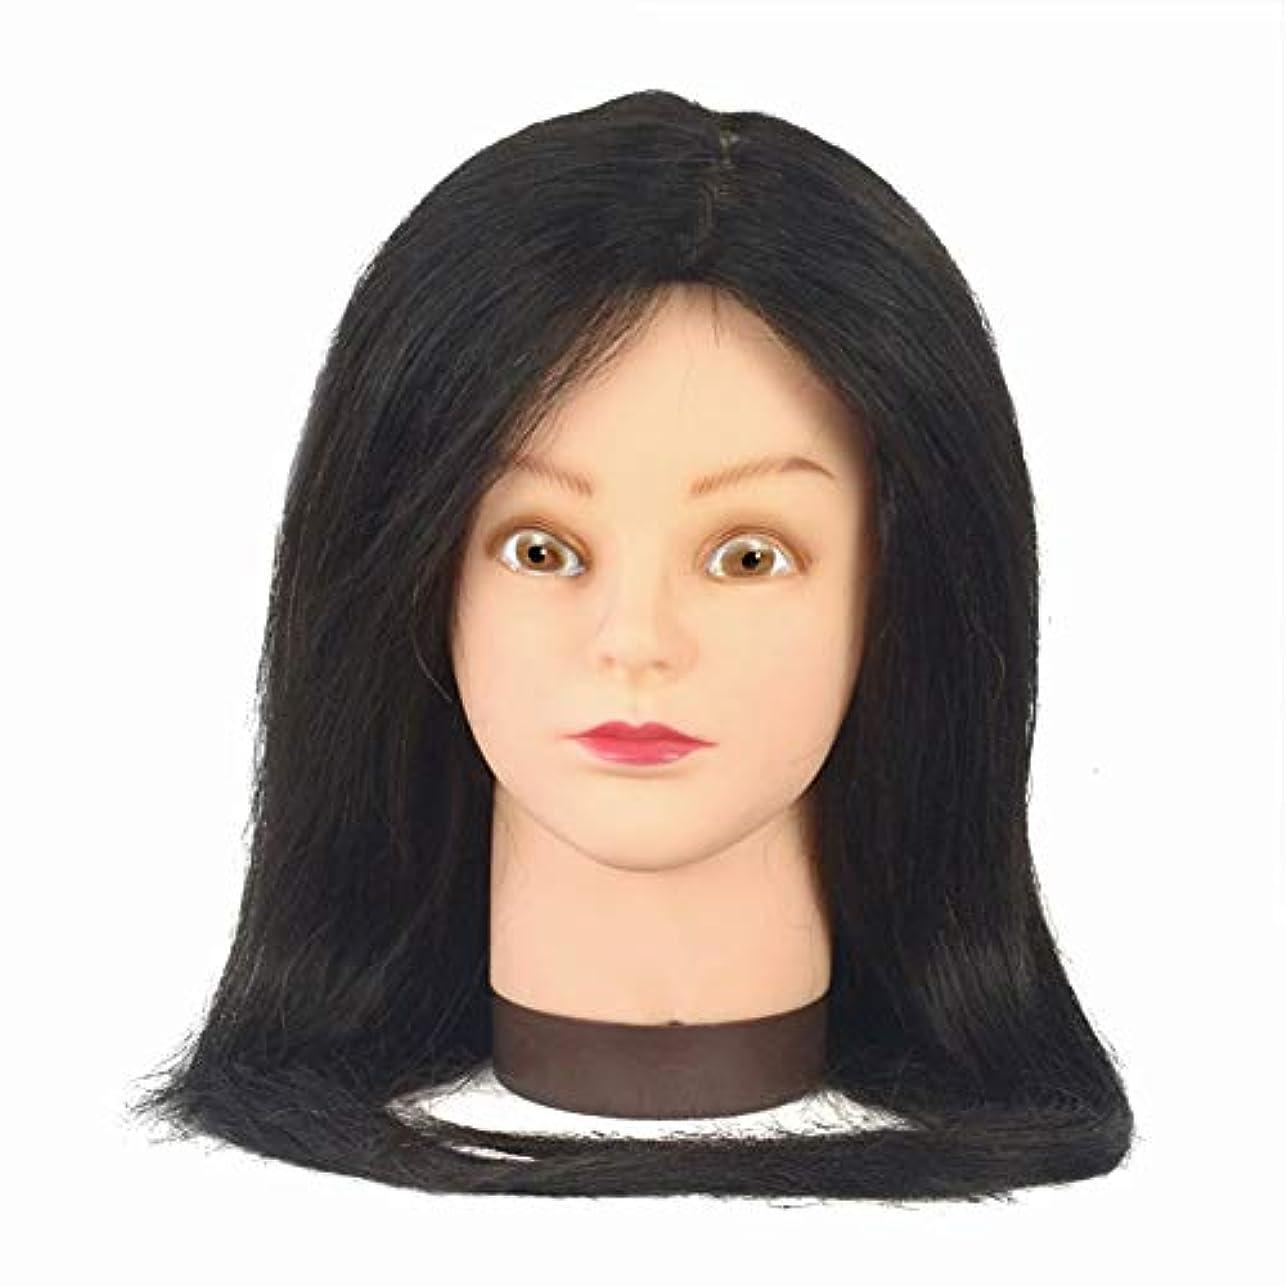 するだろう容赦ない異邦人80%リアル人間の髪モデルヘッドサロン学習吹くことができますパーマ髪染めダミーヘッド編集ヘア練習ヘッドモデル,Black